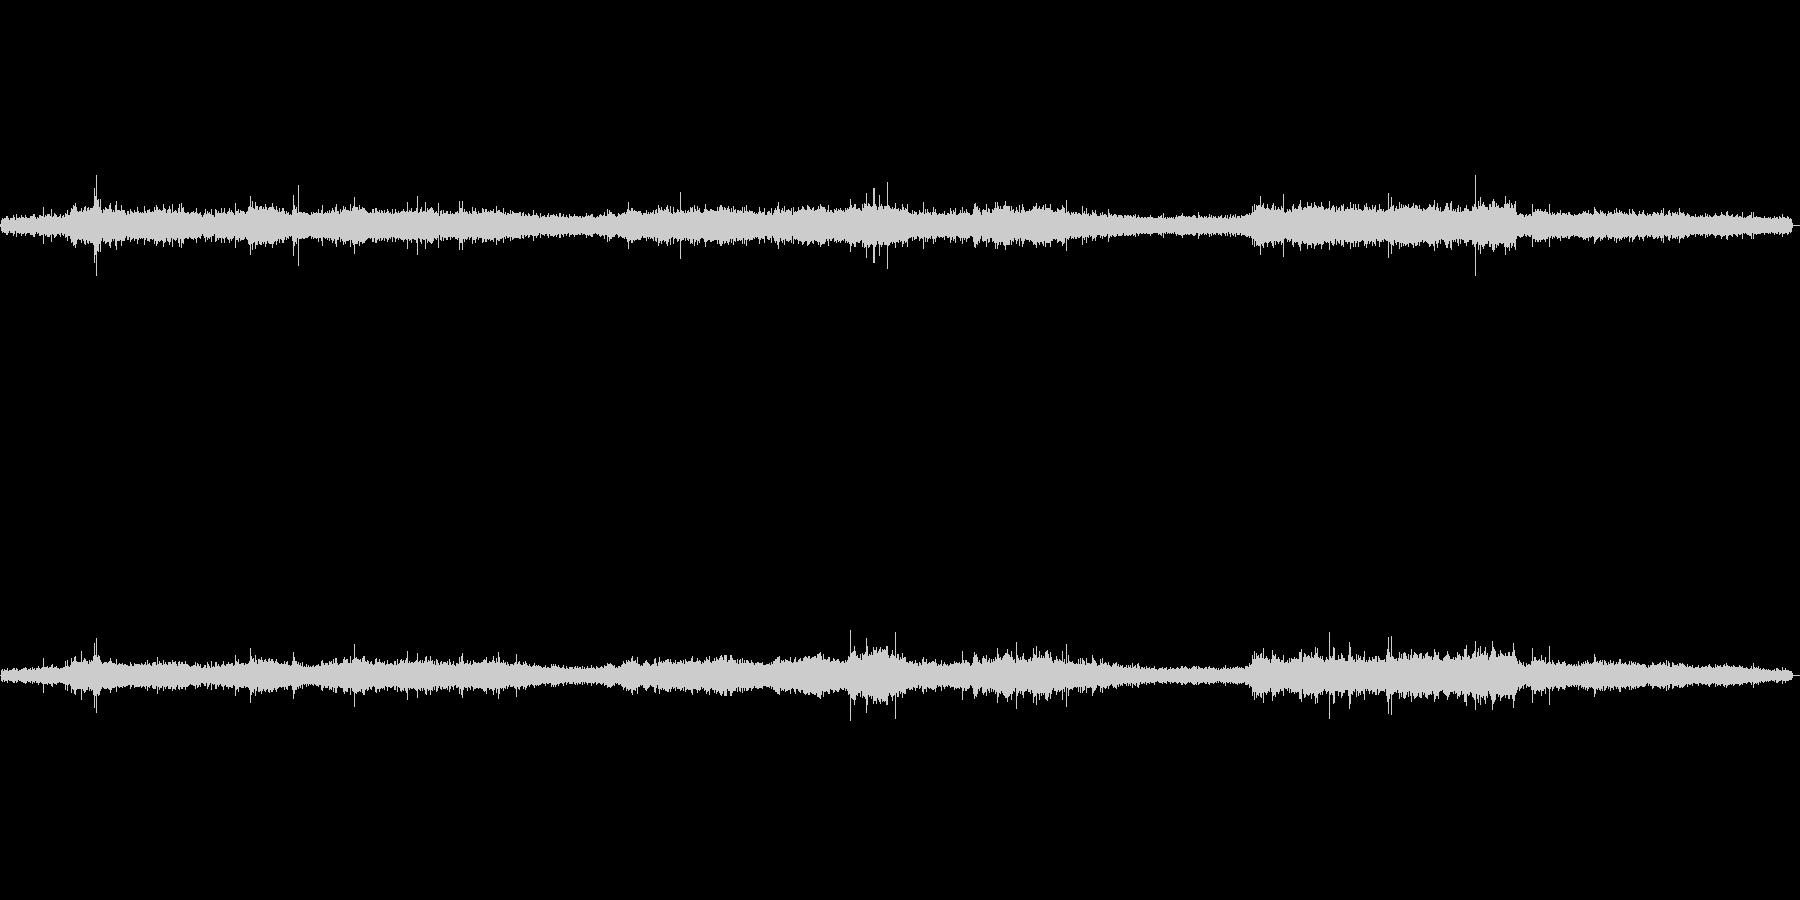 サワサワ(風と草原の音)の未再生の波形